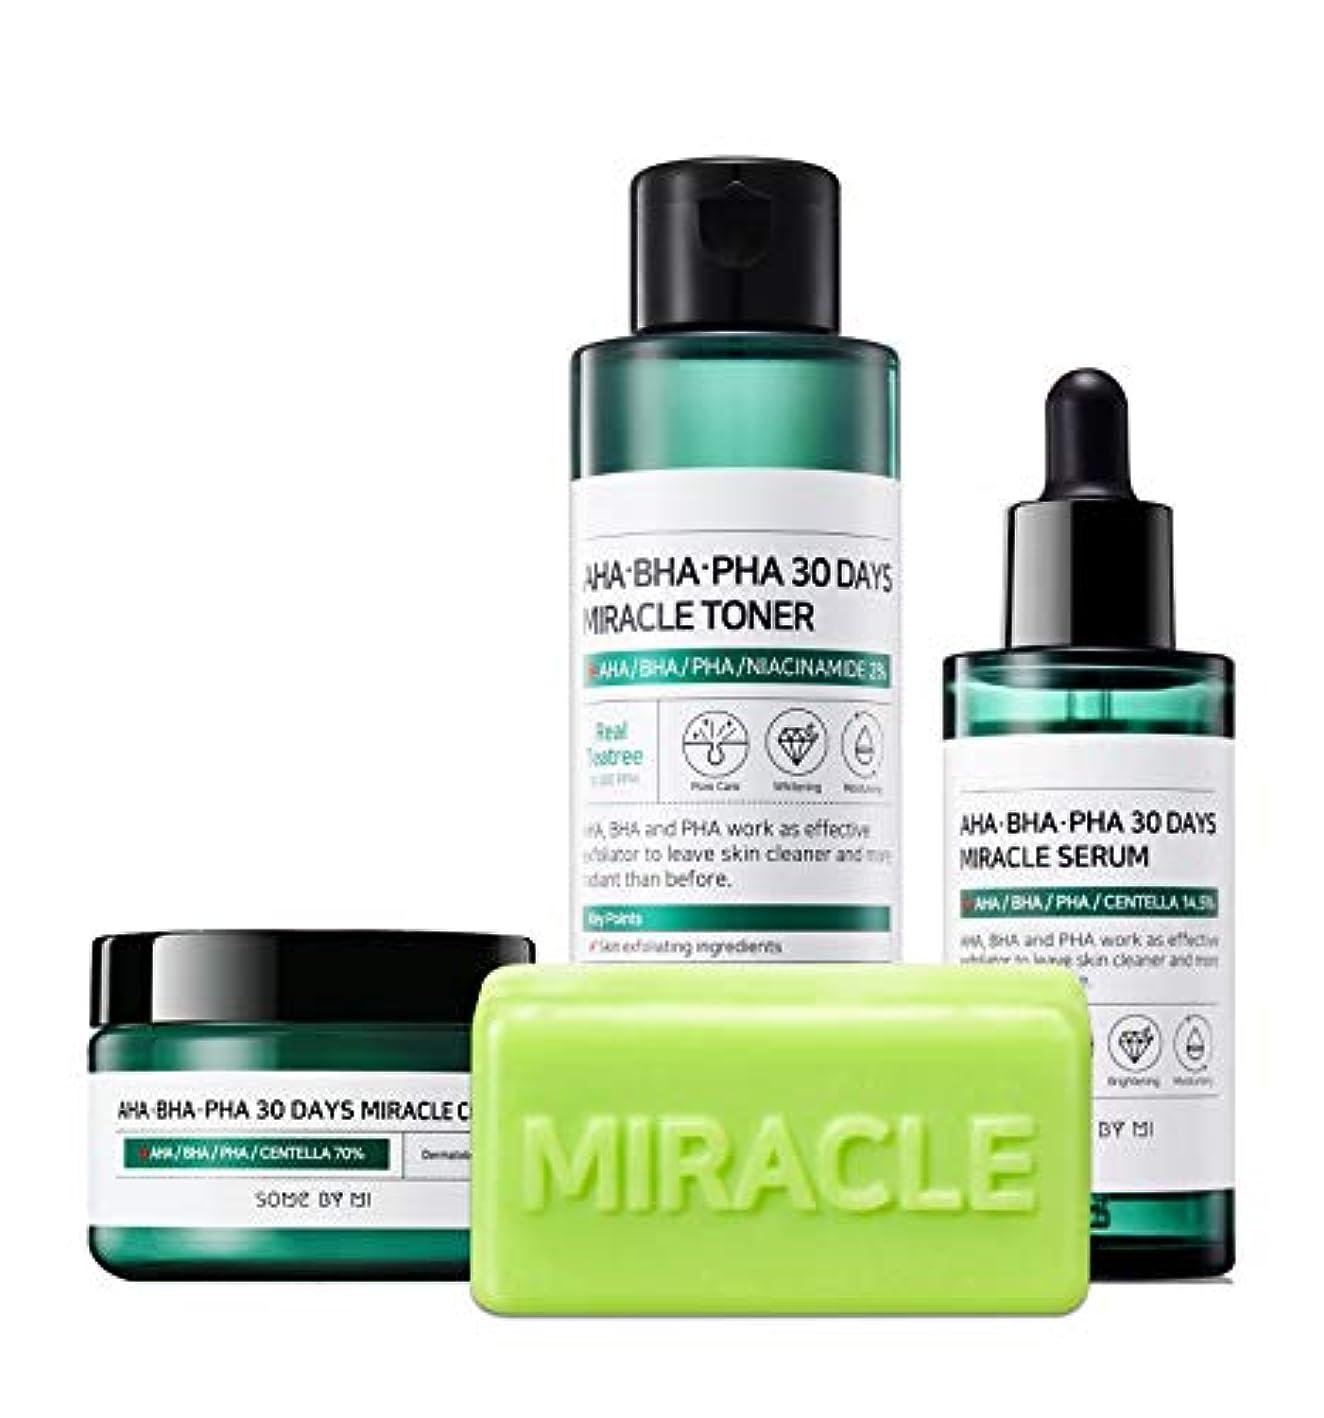 シャックルロビーバトルSomebymi (サムバイミー) AHA BHA PHA Miracle Series Full Set 4 Pcs (Soap, Toner, Serum, Cream) Anti-acne Exfoliation...